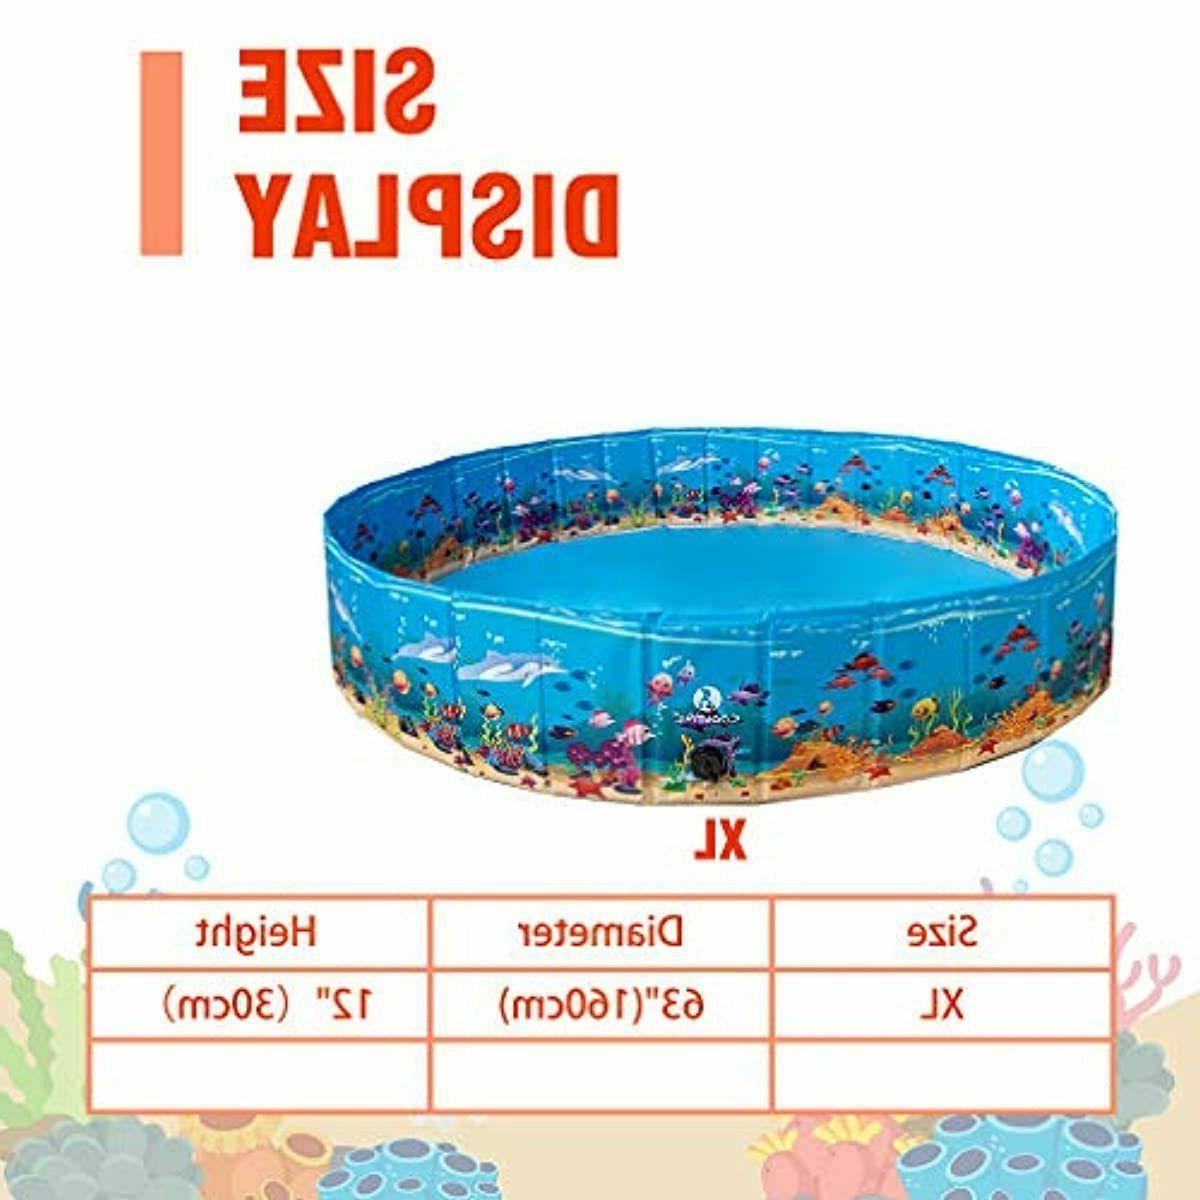 KOOLTAIL Foldable Dog Pool - Extra Large Pet Bathtub Summ